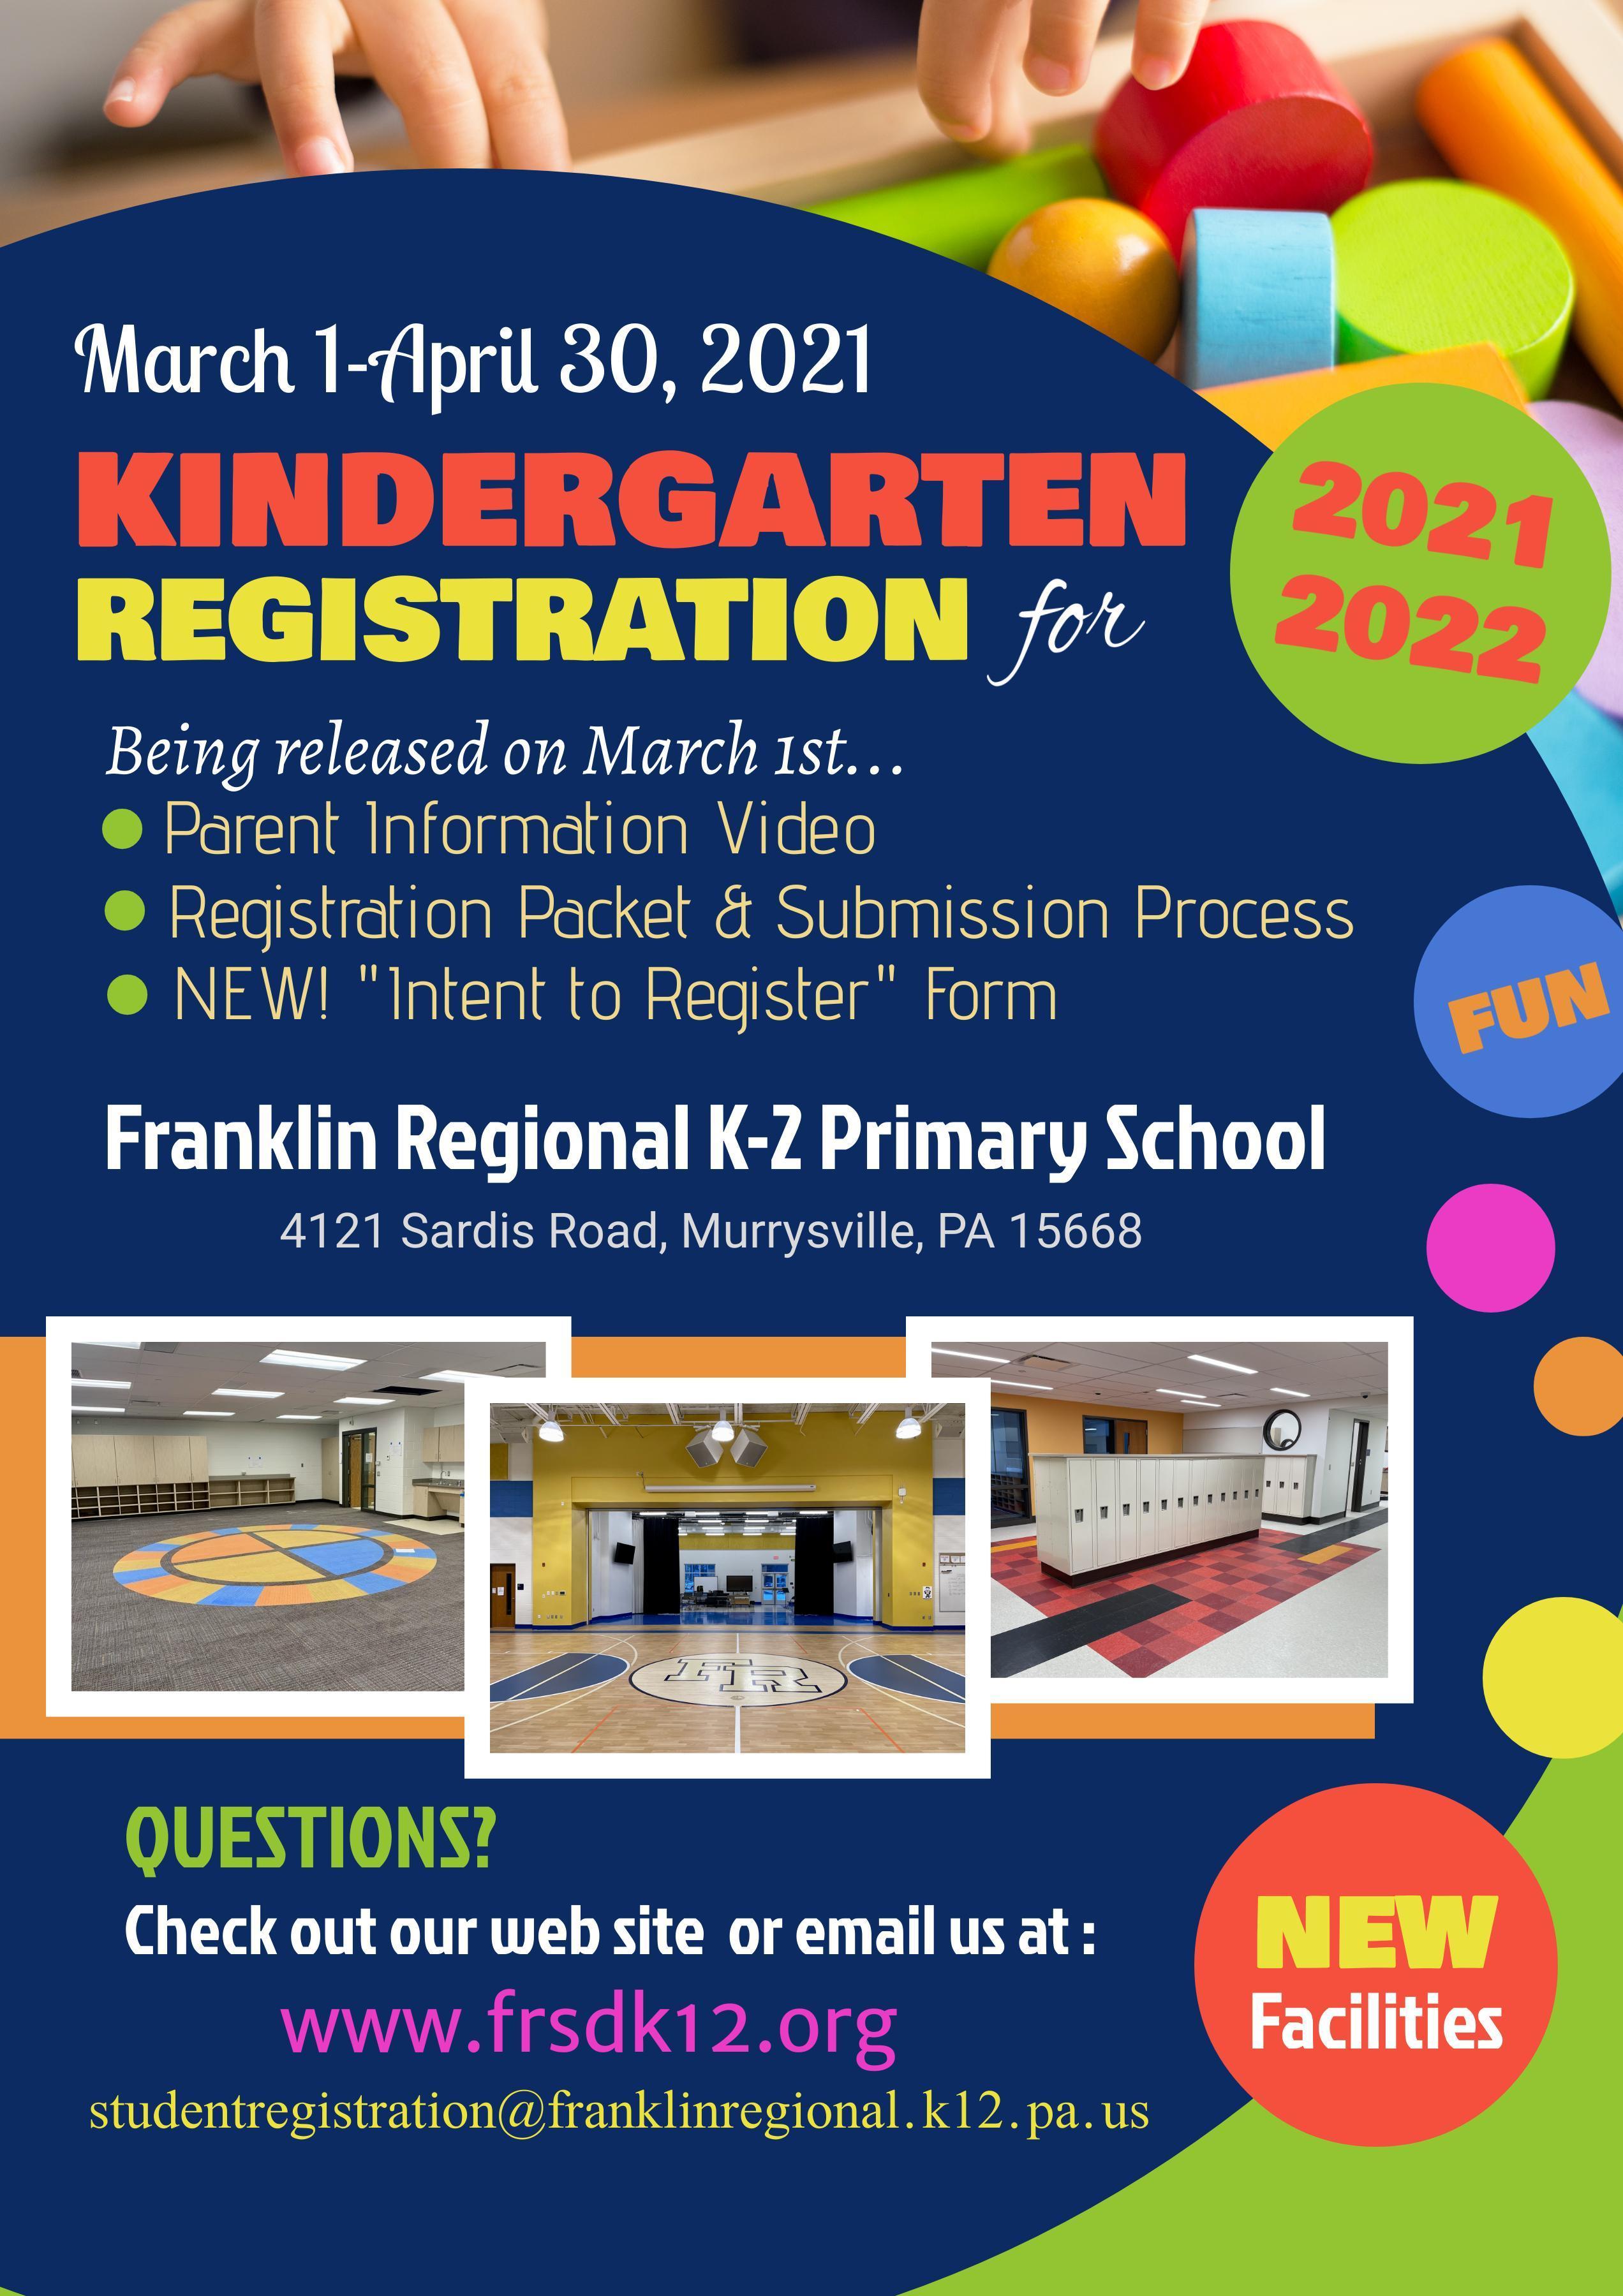 Kdg Registration 2021 Page 1